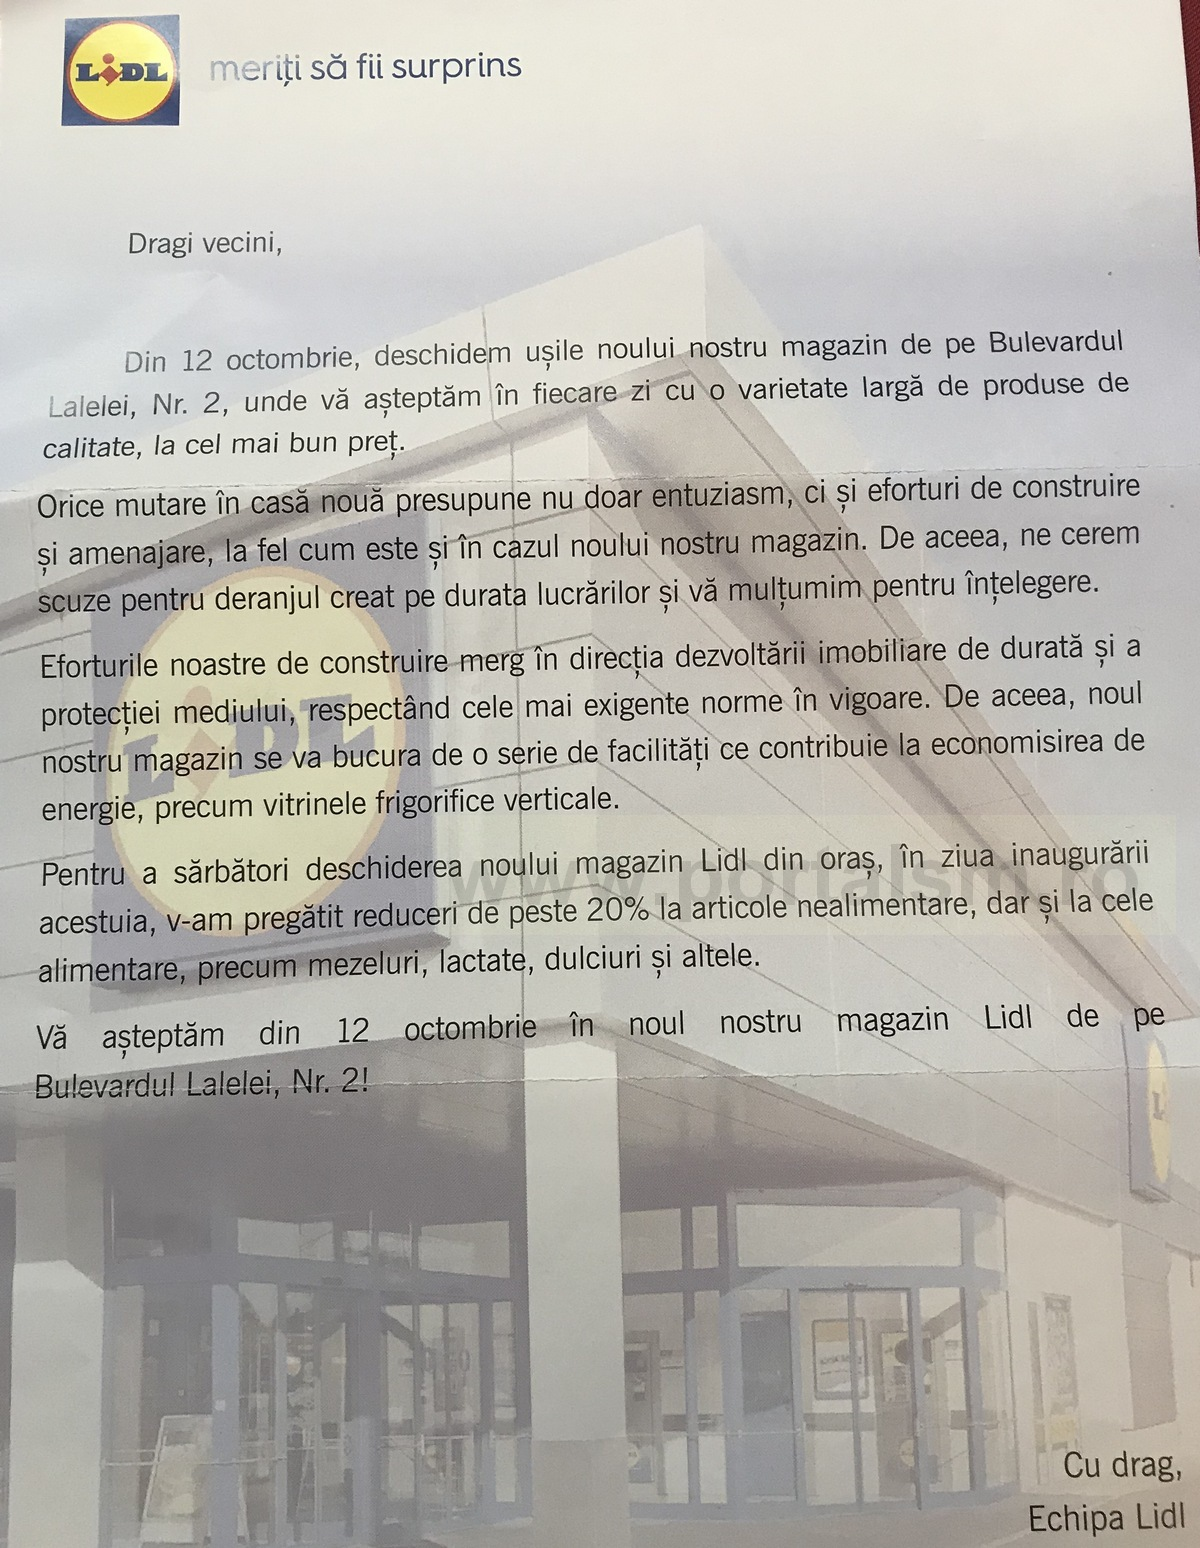 LIDL deschide magazinul de pe strada Careiului joi. Se anunță reduceri generoase